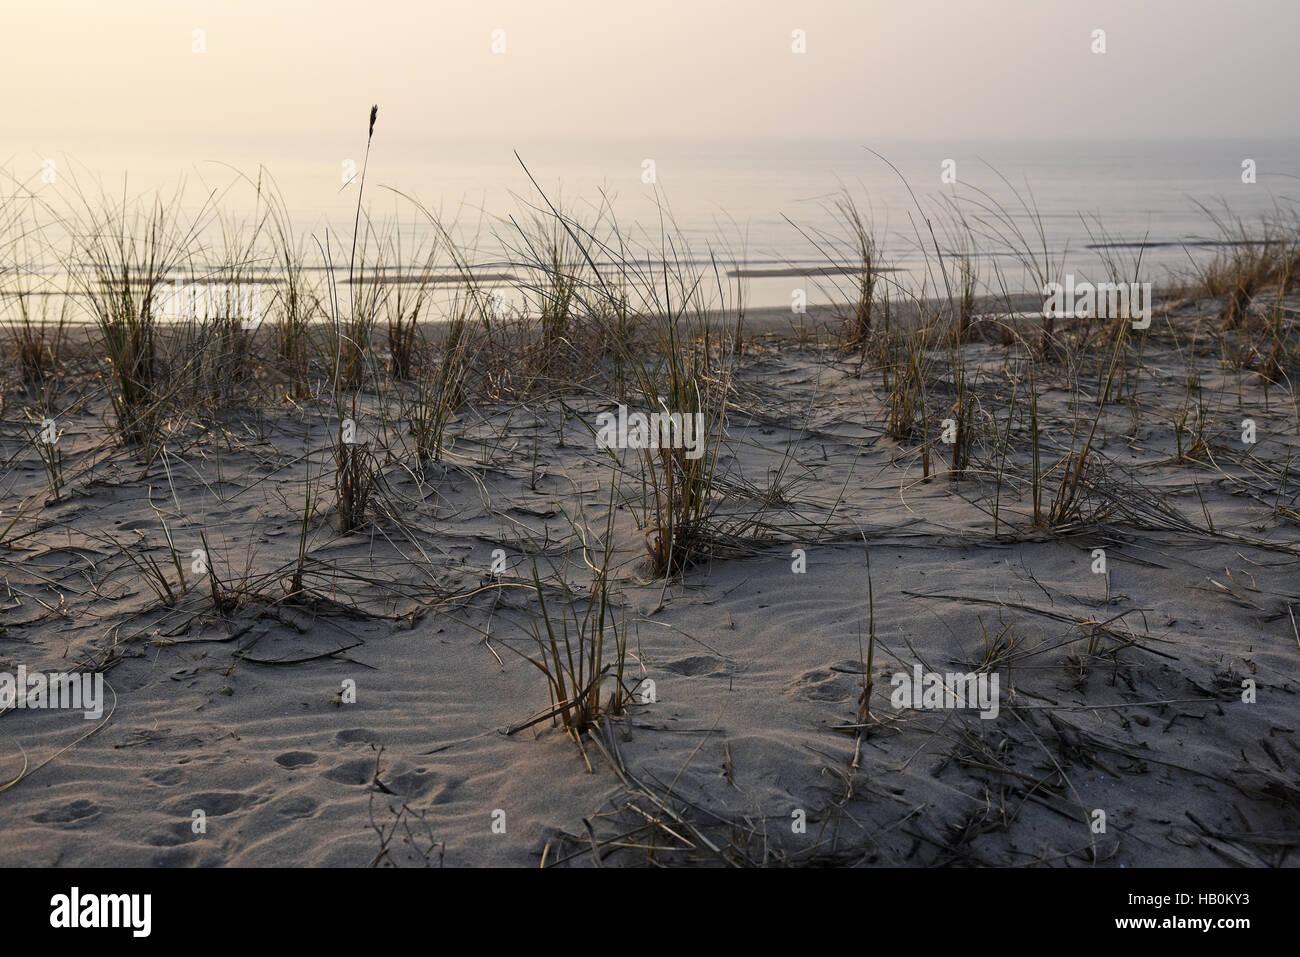 dunes, Egmond aan Zee, The Netherlands - Stock Image